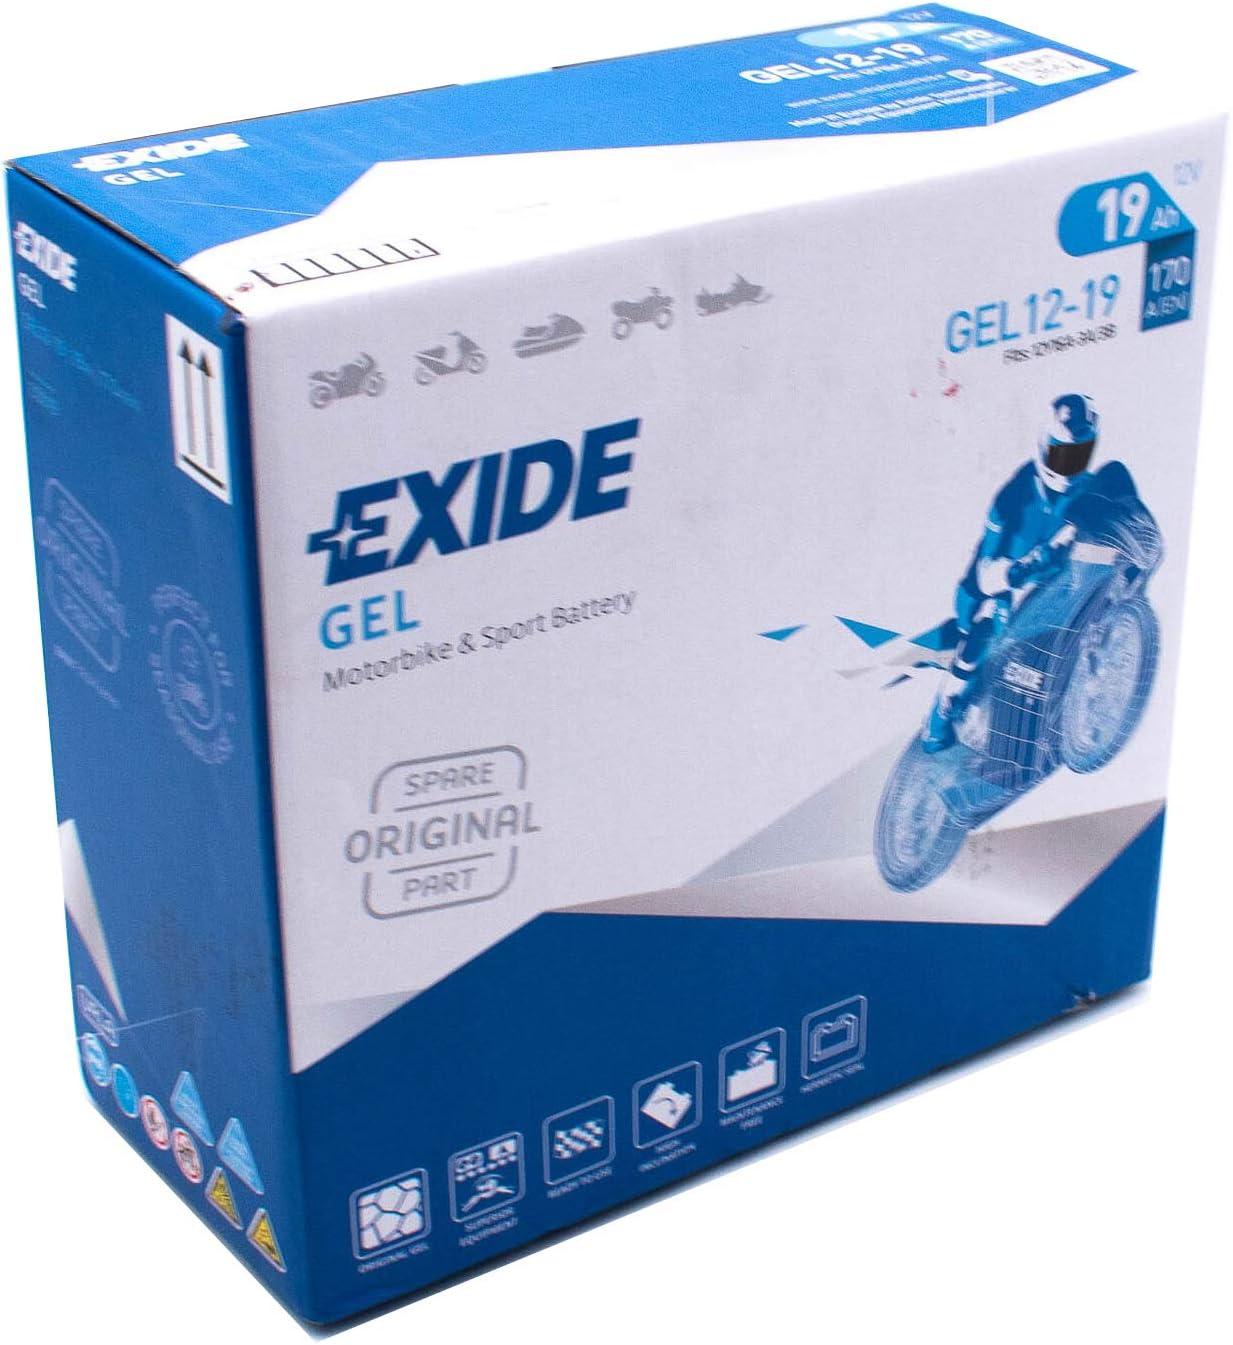 Exide 707 26 55 Batería Gel Exide G 19 12V 19Ah Especial Moto